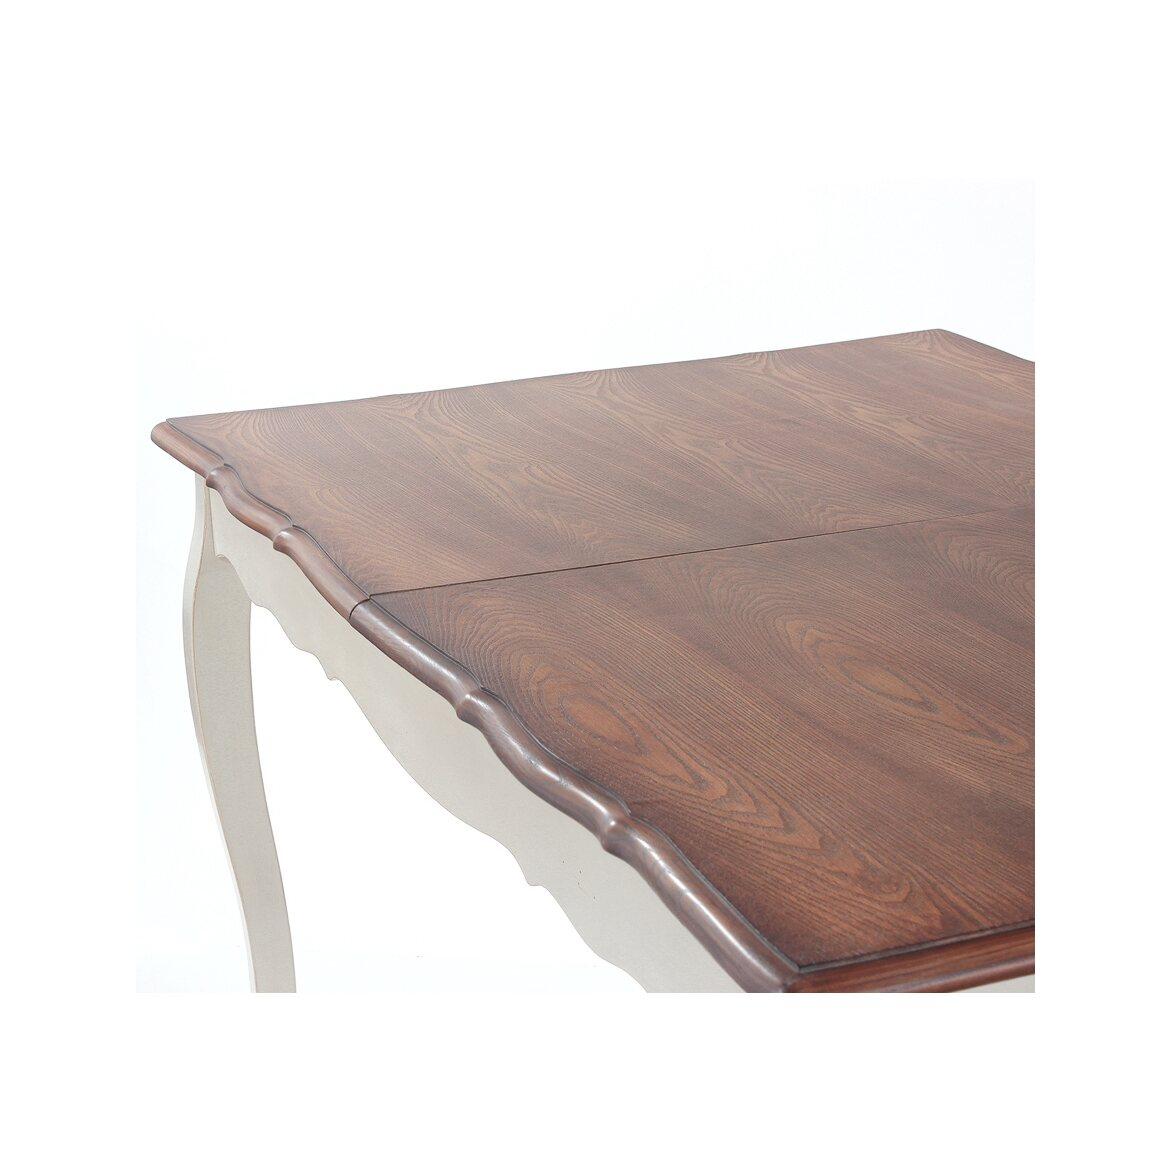 Обеденный стол раскладной Leontina, бежевого цвета 5   Обеденные столы Kingsby